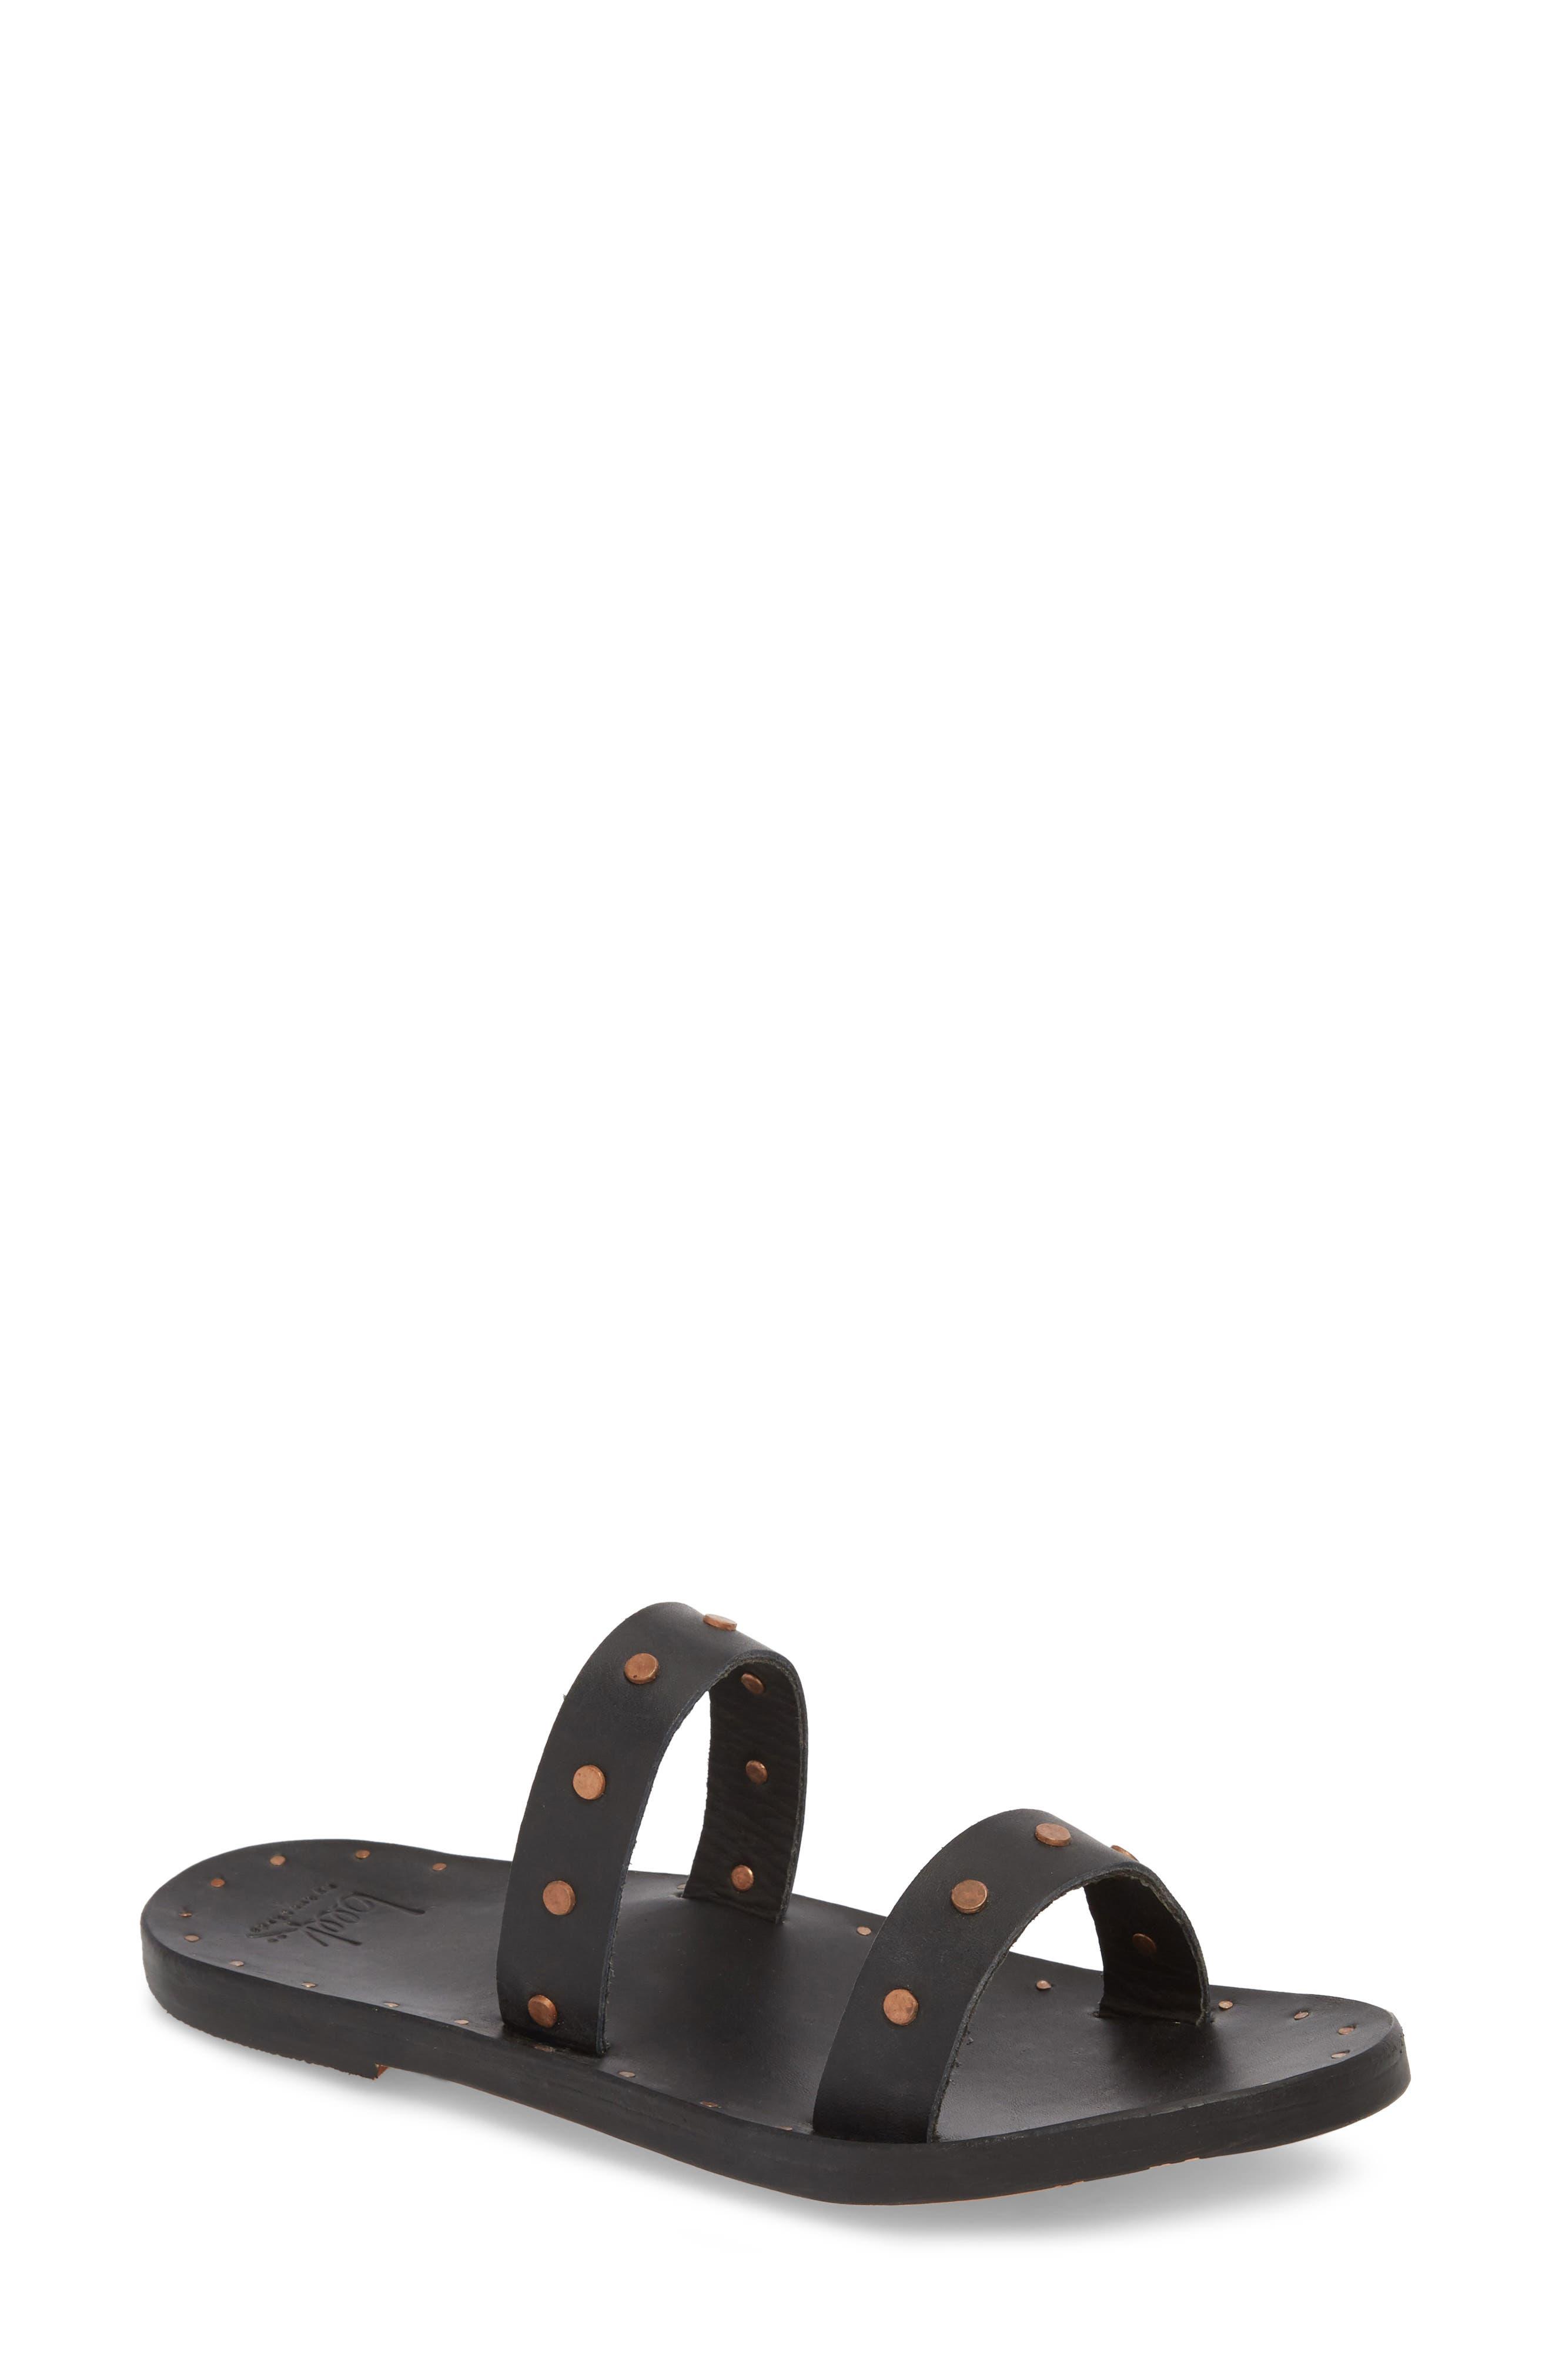 BEEK Women's Woodpecker Studded Slide Sandal kEwAyP